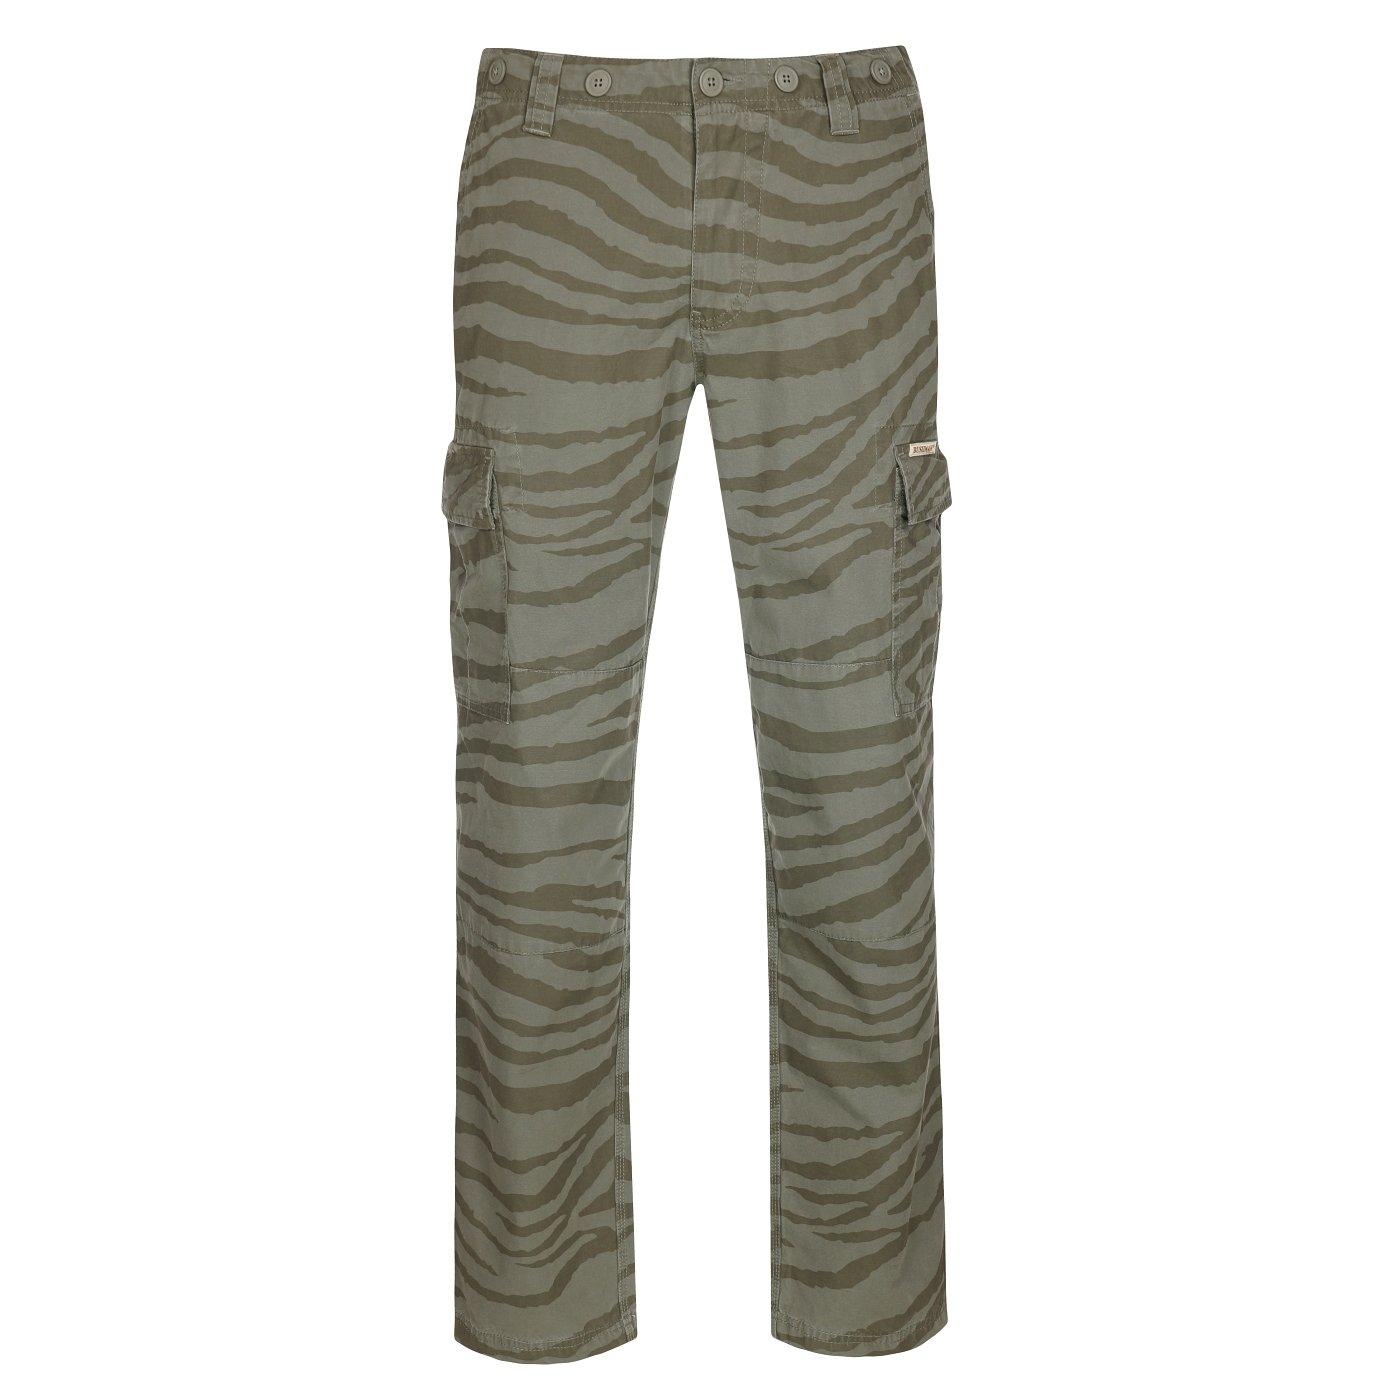 Bushman Outfitters Herren Buxton Pants